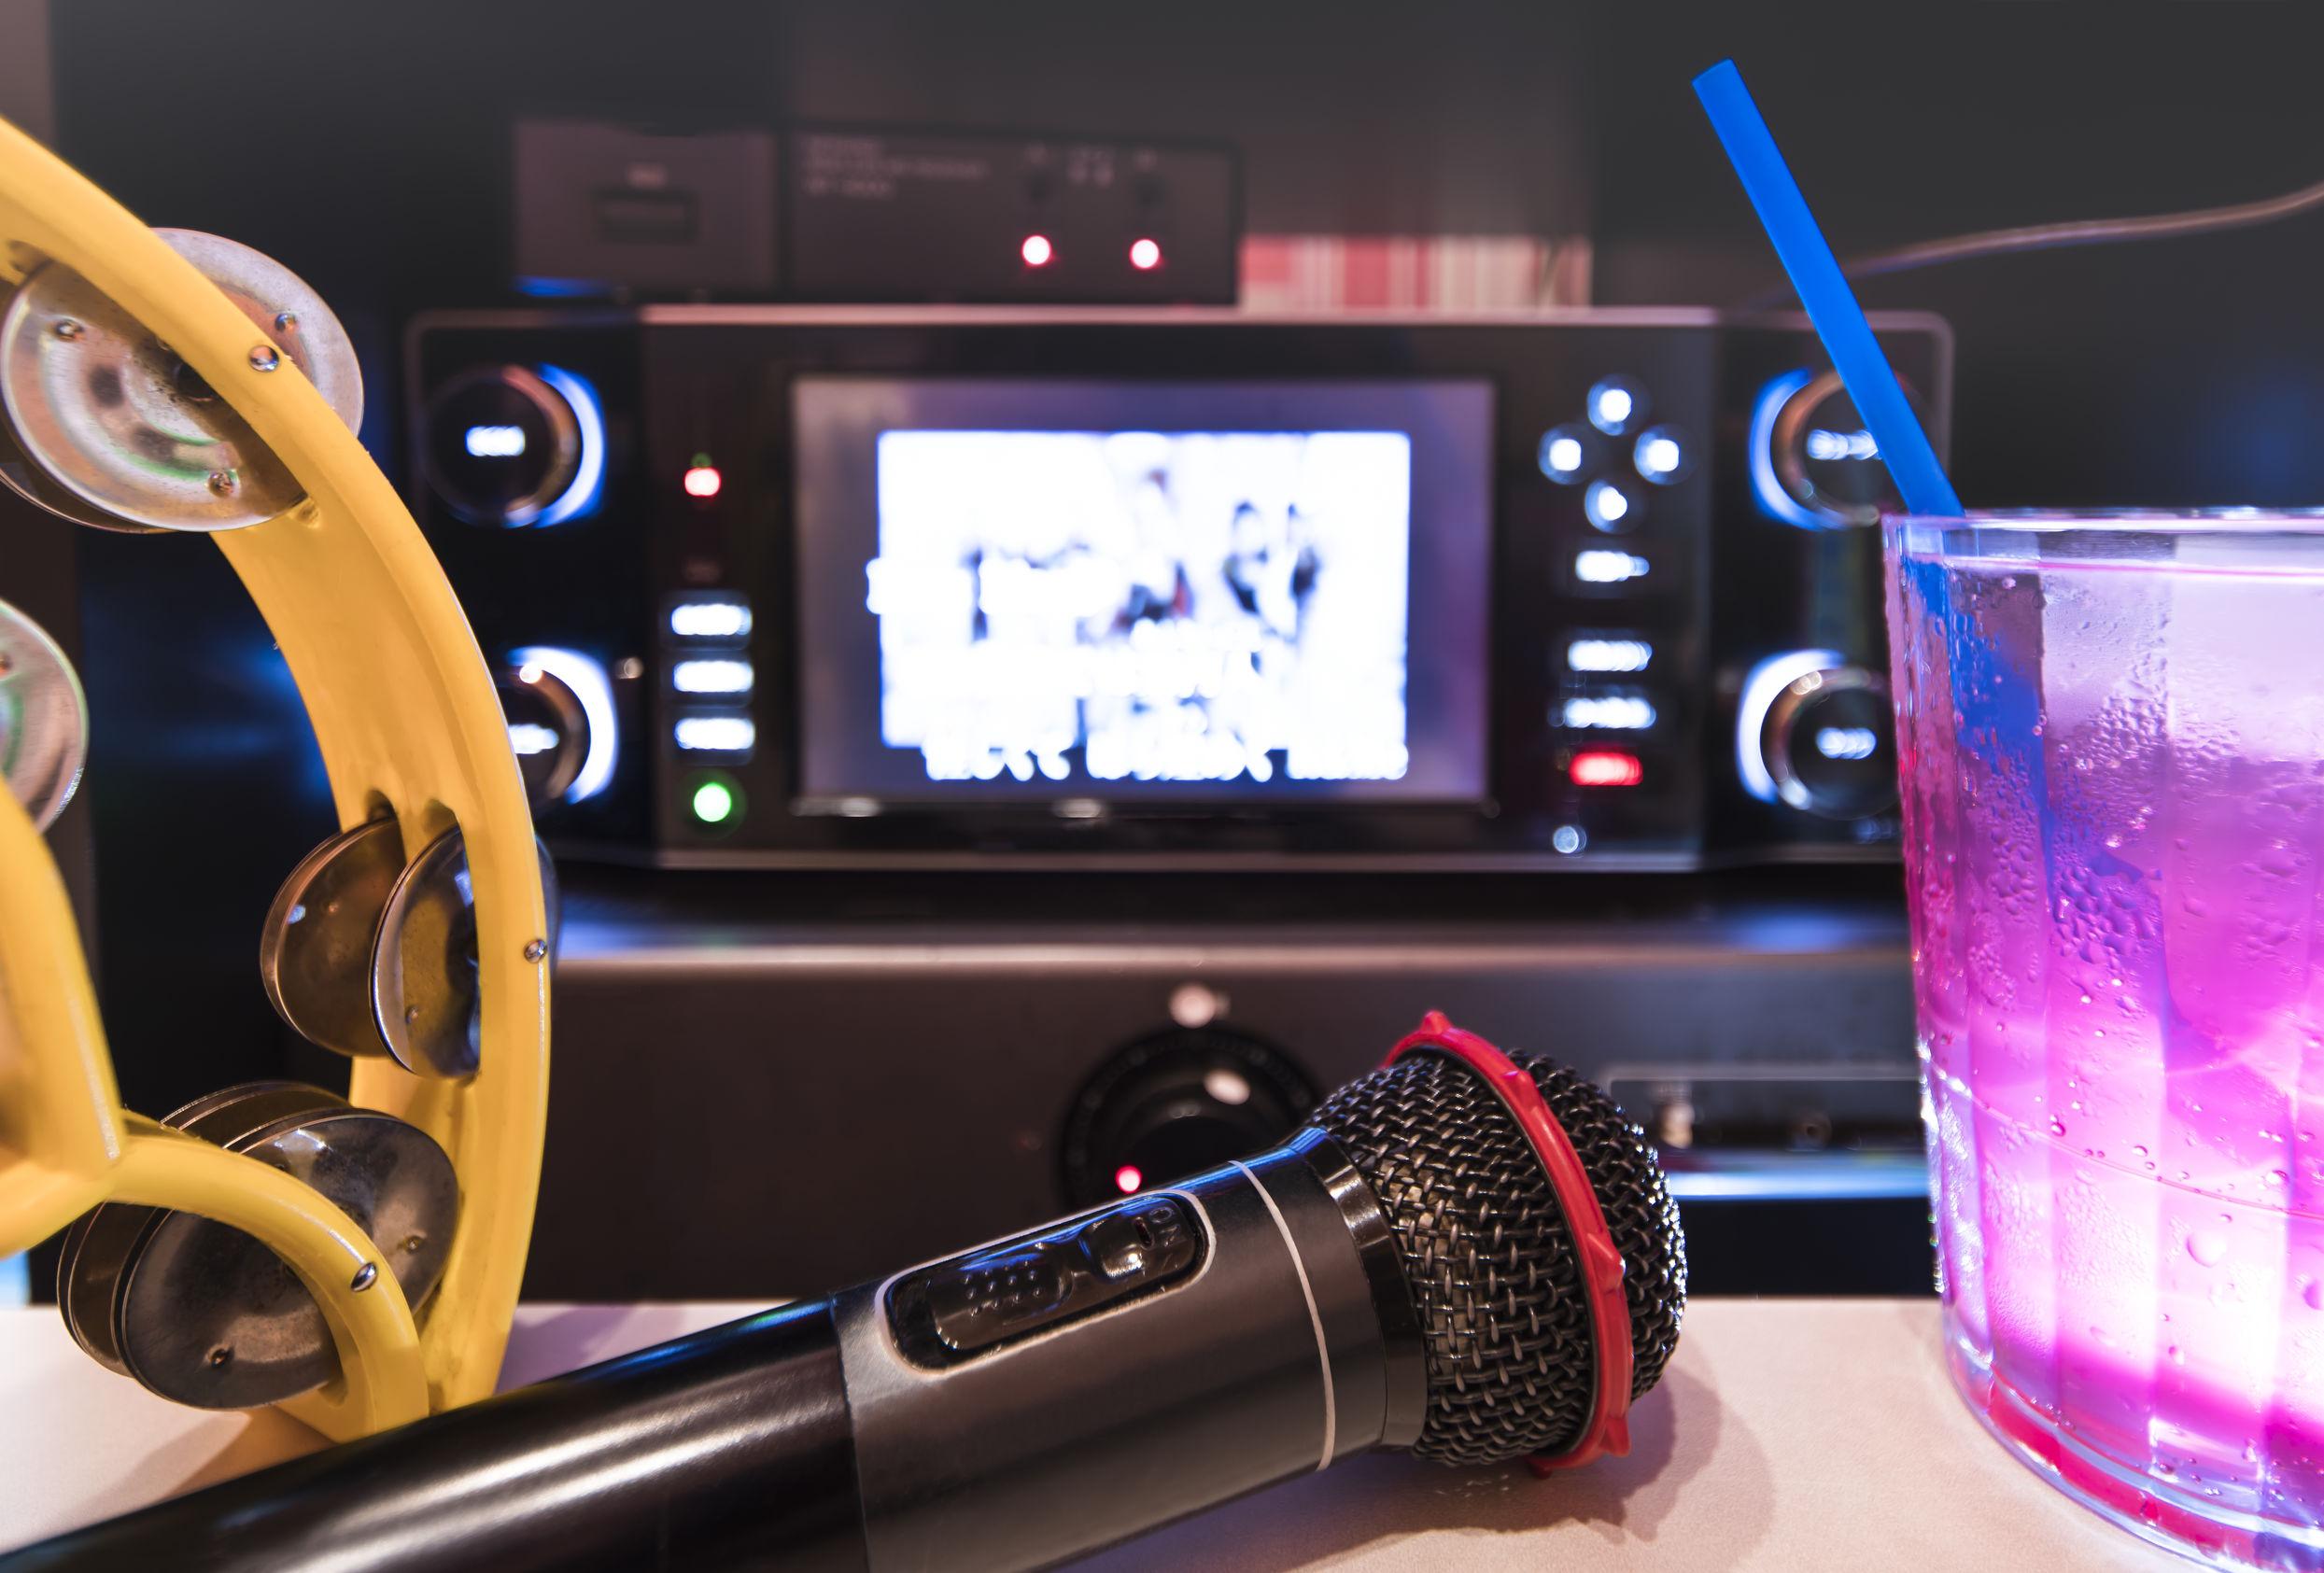 Micrófono negro en club de karaoke, con mando a distancia, refrescos de melón y fresa, pandereta amarilla y pantalla para cantar música en la fiesta del escenario.